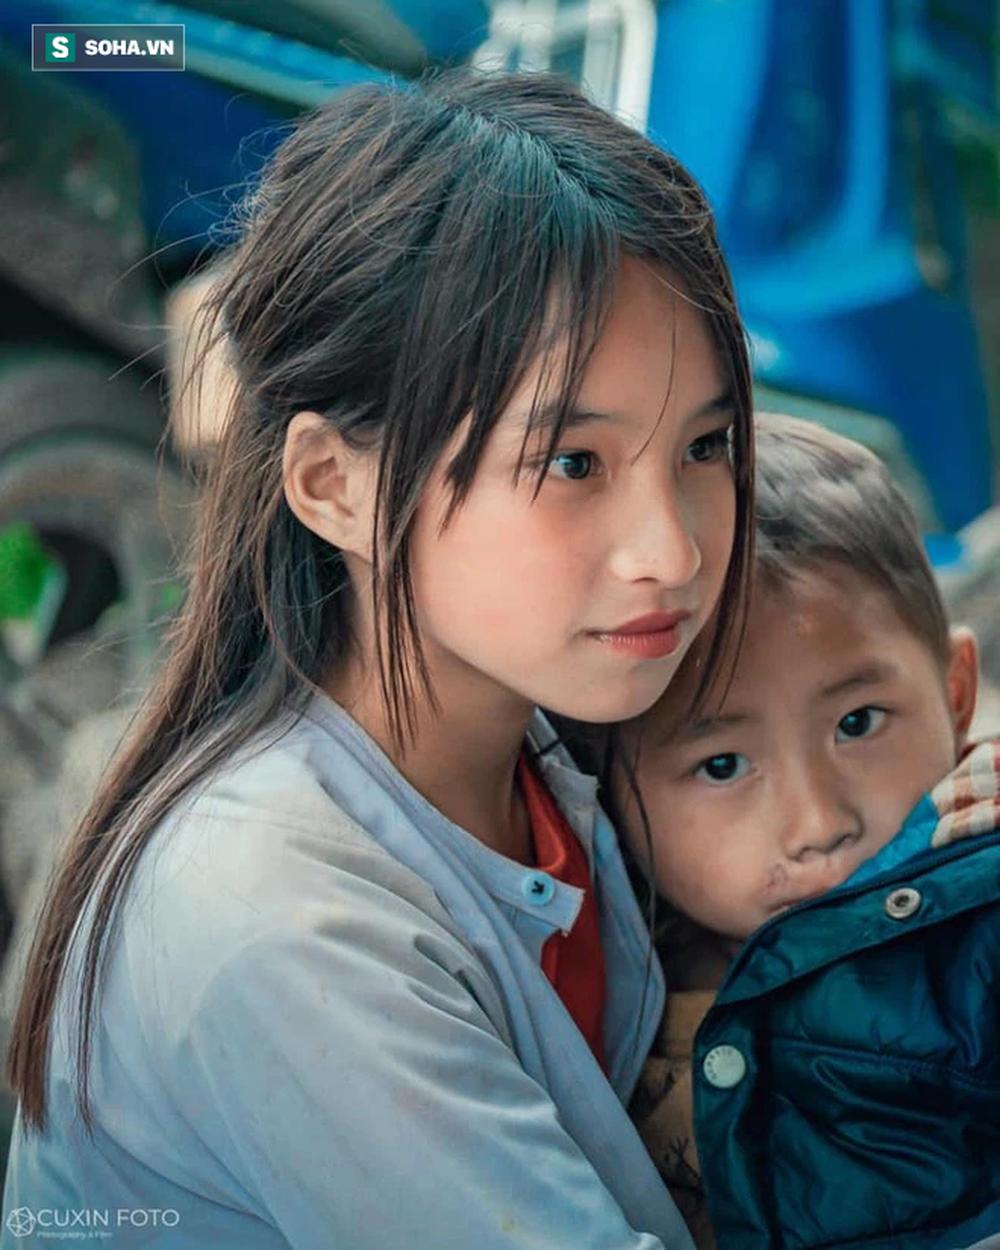 Em gái Hà Giang sở hữu nhan sắc cực nét khiến dân mạng tới tấp khen ngợi: Hoa của đá - Ảnh 1.